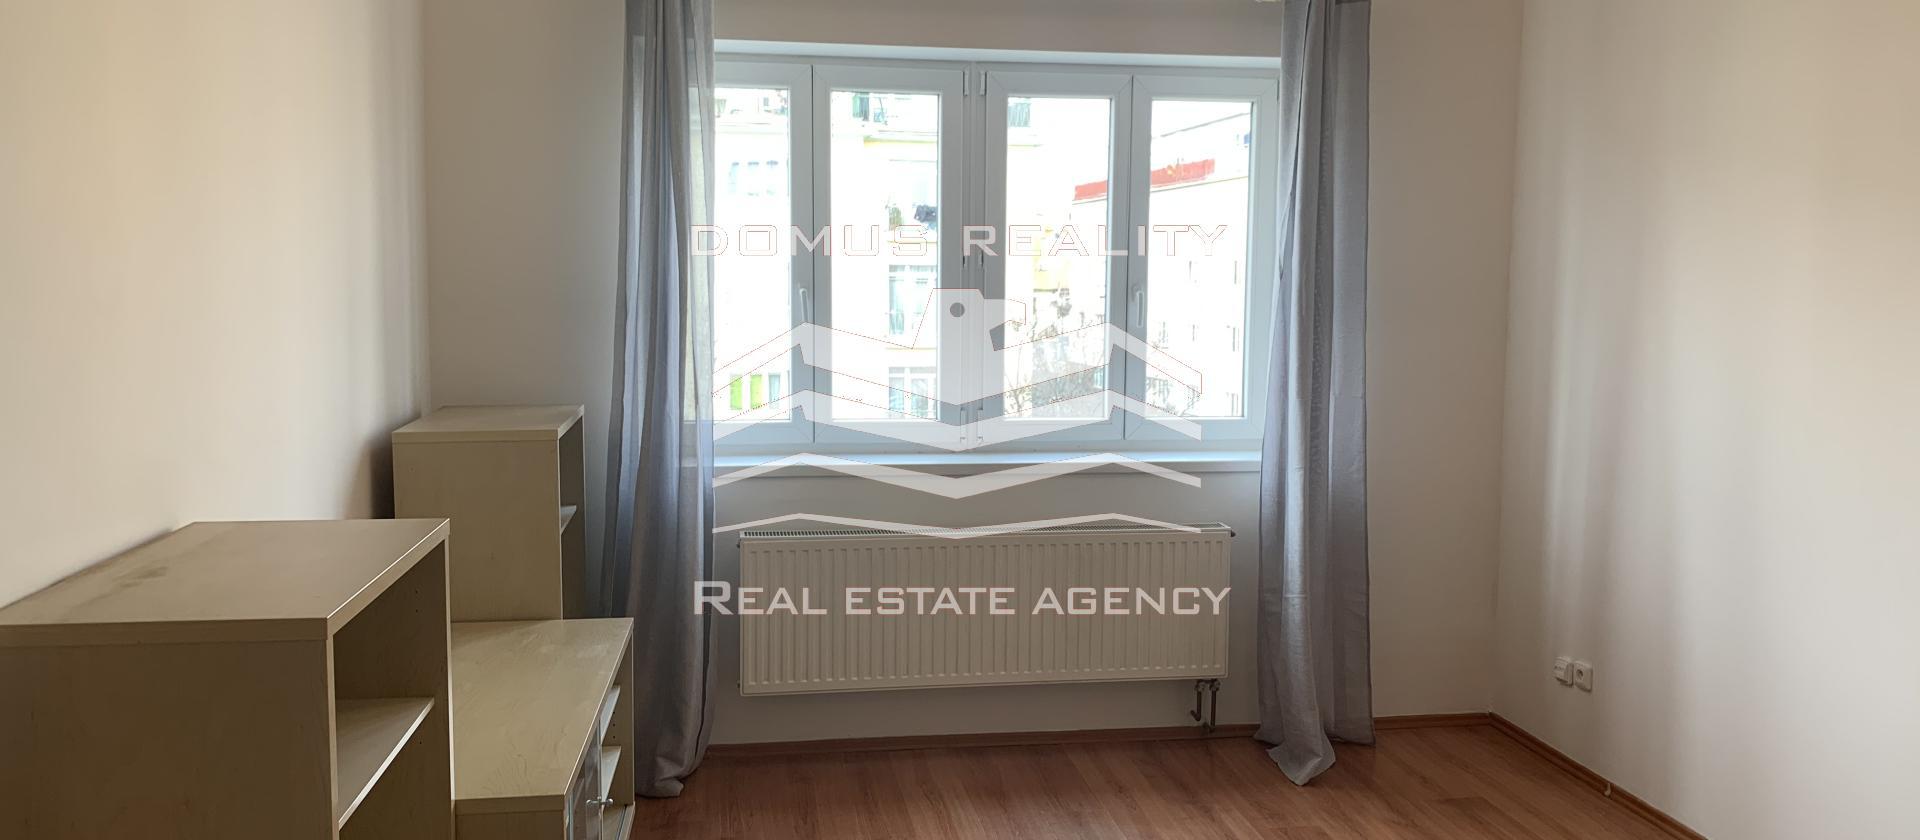 Dovolujeme si Vám nabídnout častečně vybavený byt 2+kk